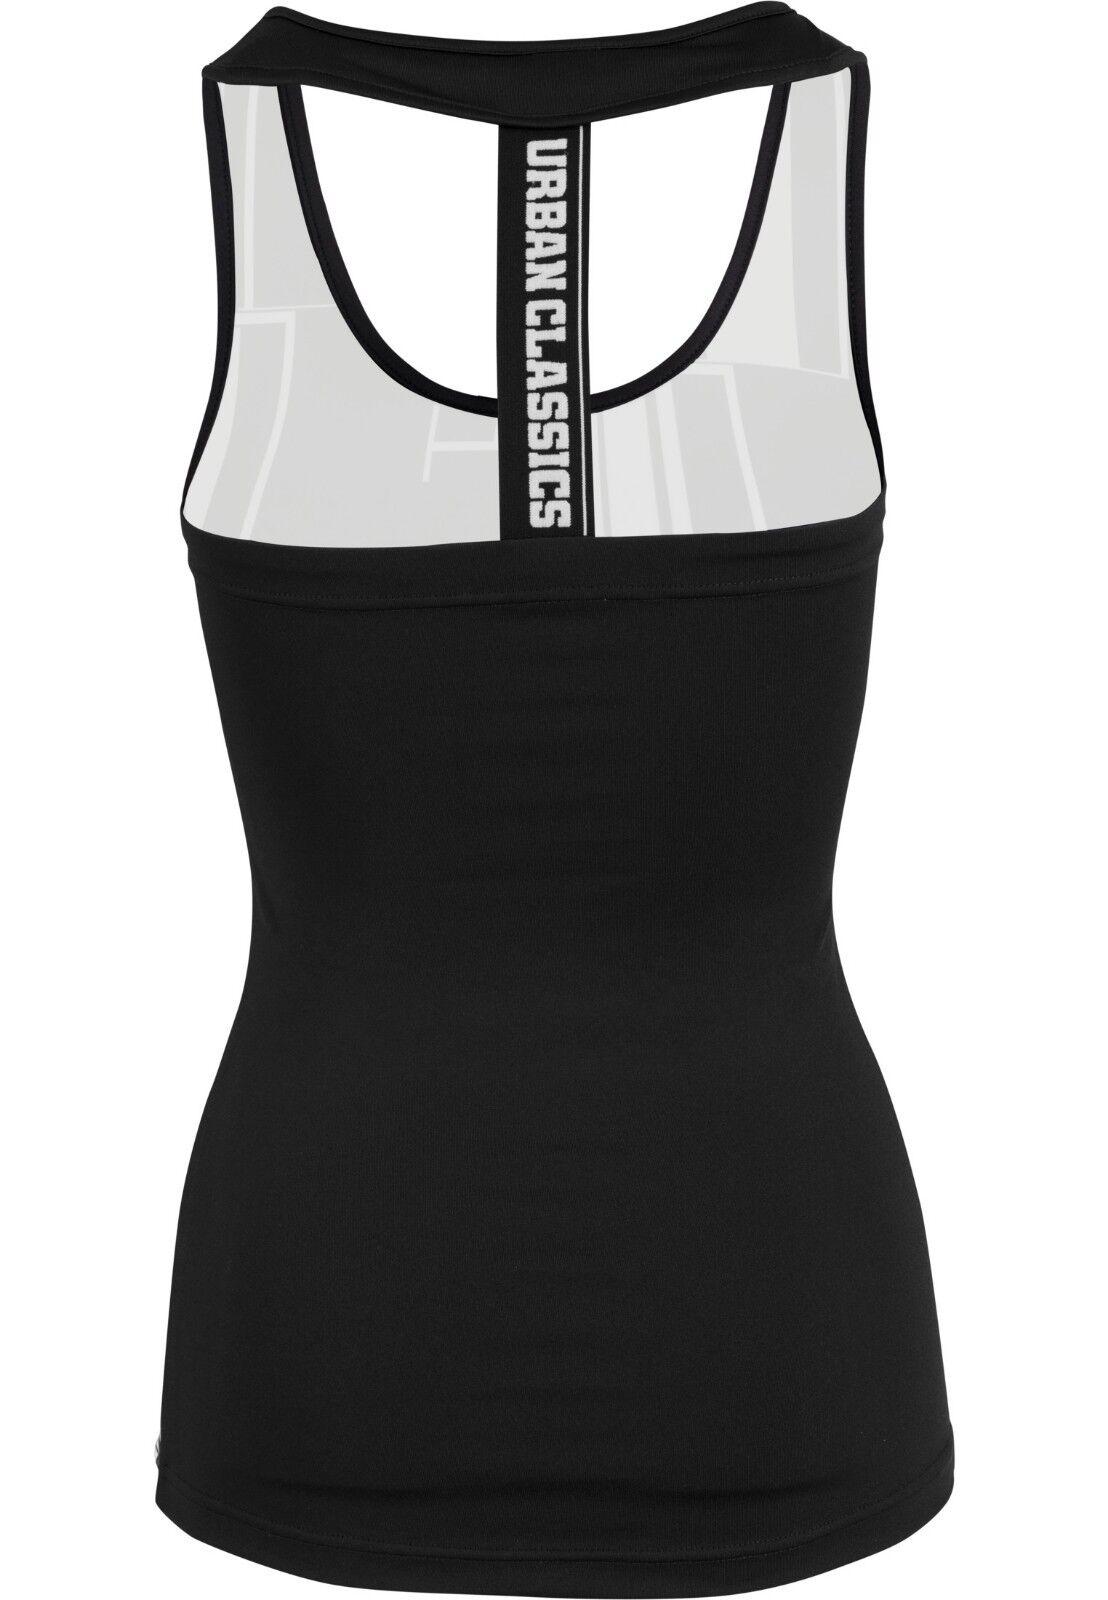 Urban Frauen classics T-Shirt Frauen Urban Unterhemd ladies Grafik sports Top- TB1663 16449f